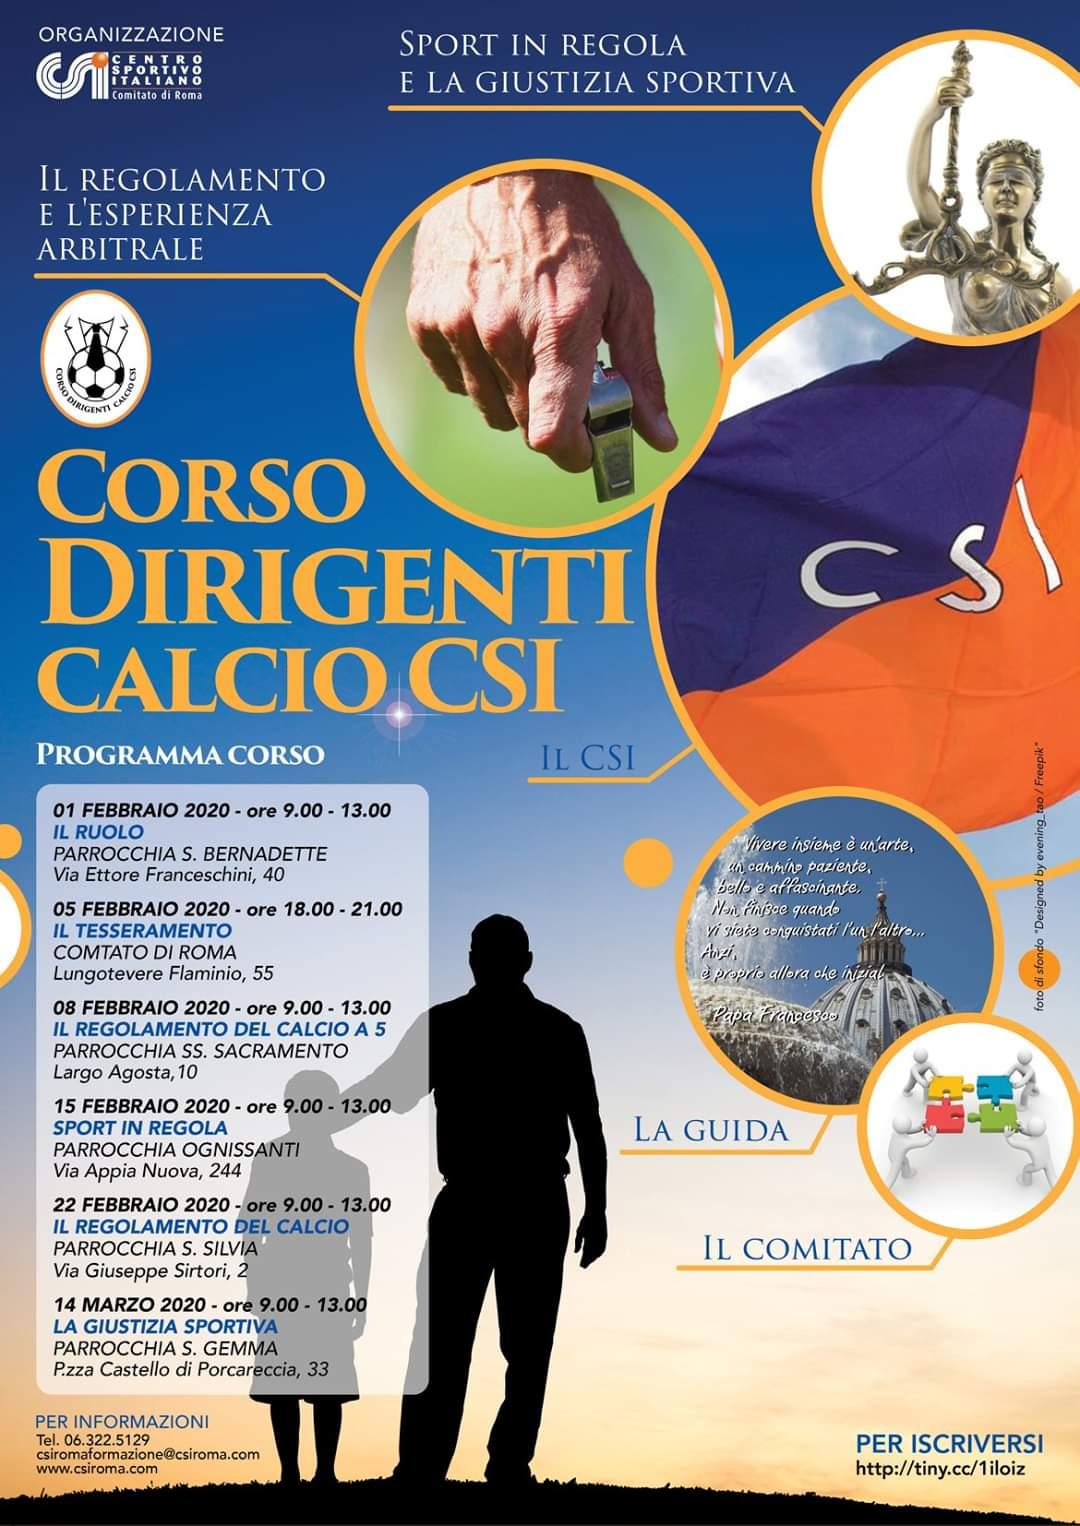 CSI Roma, corso dirigenti calcio